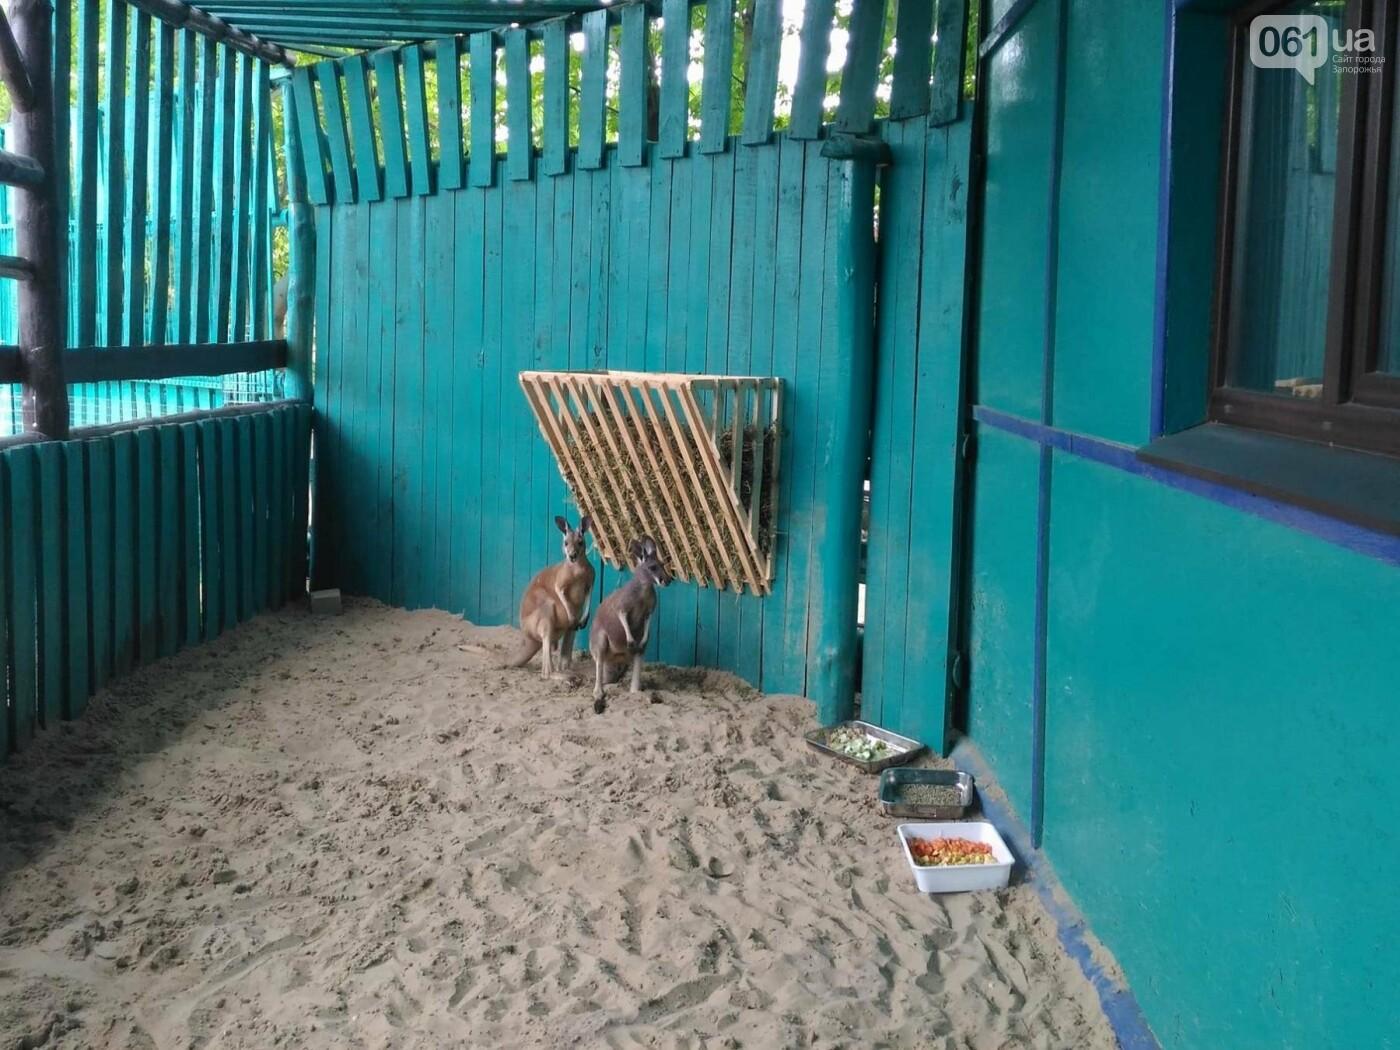 В бердянском зоопарке появились кенгуру, - ФОТО, ВИДЕО, фото-2